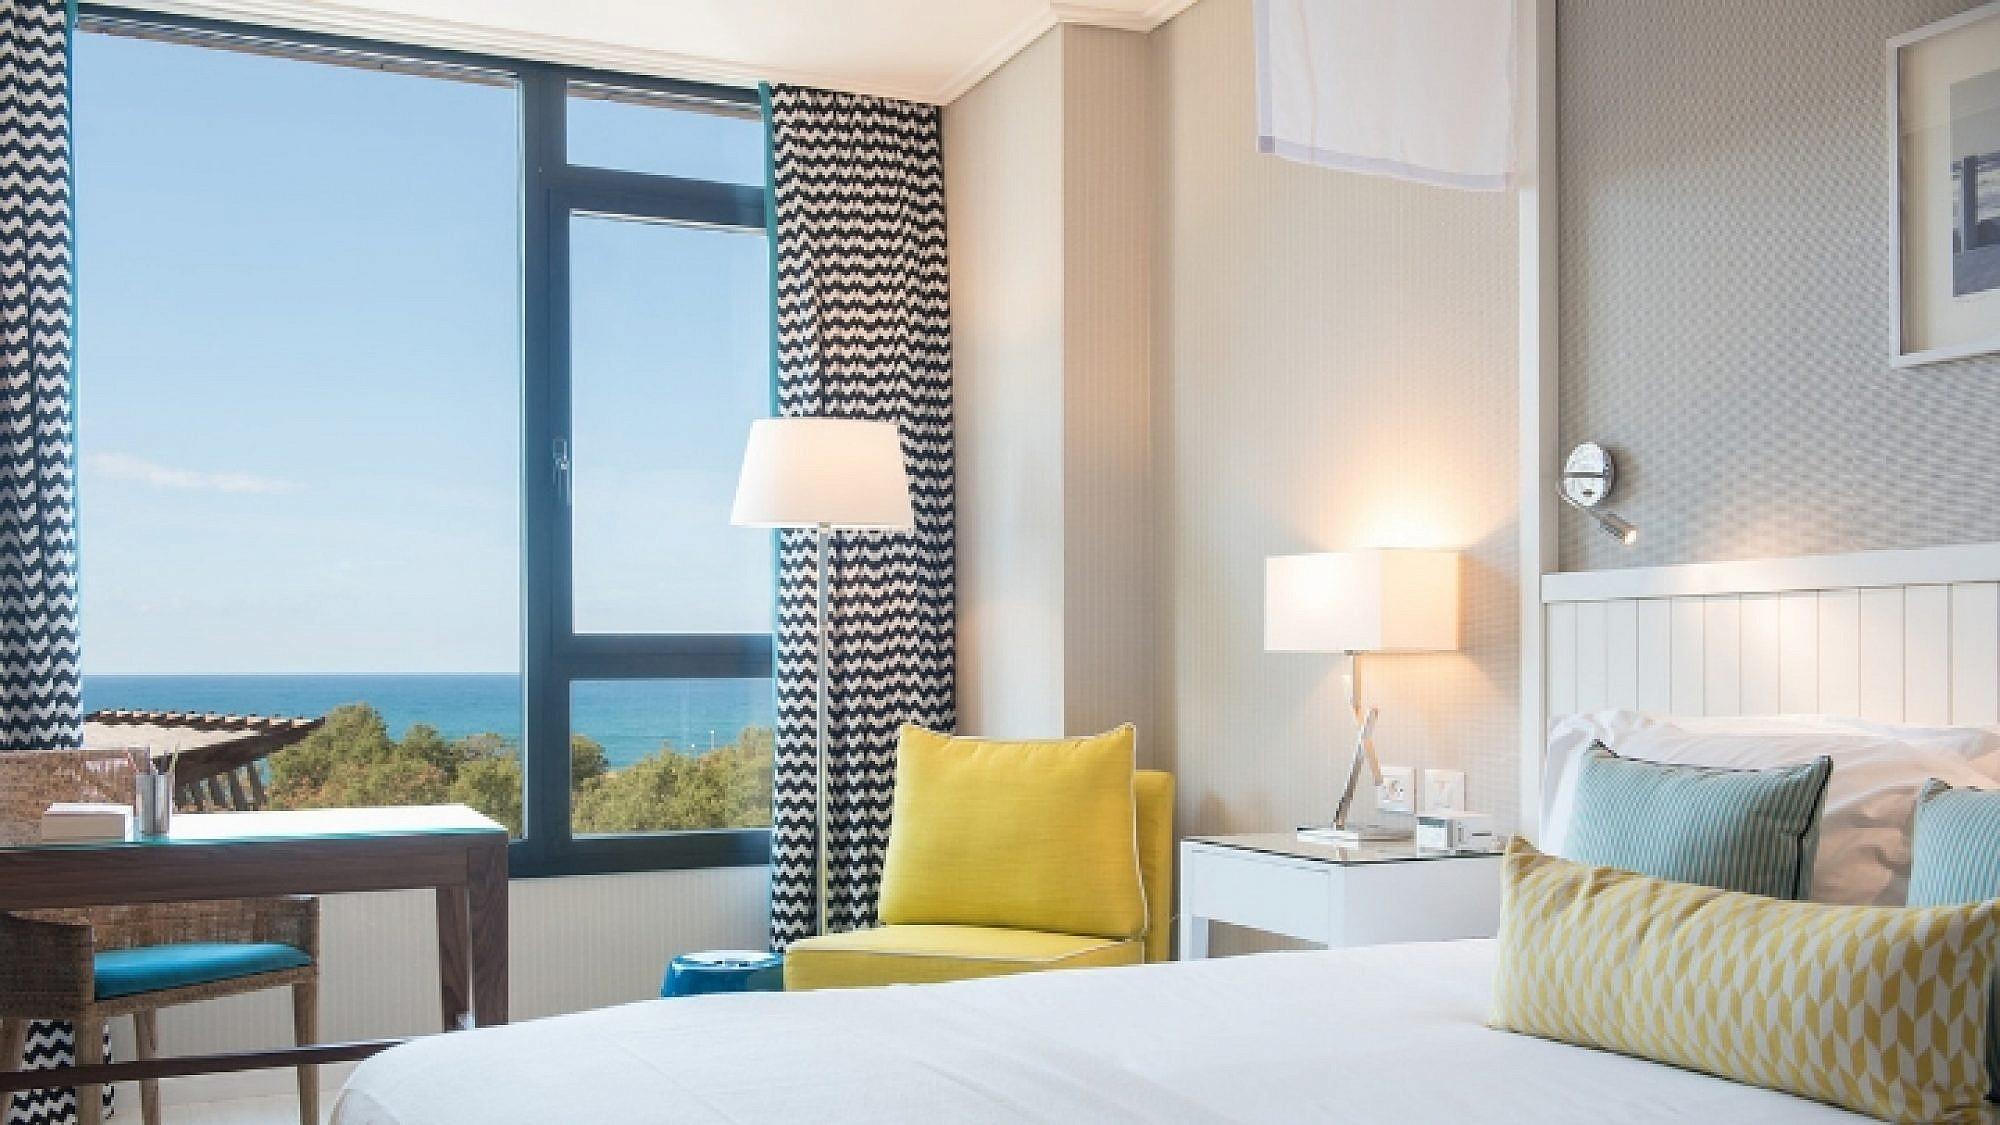 מלון מלודי בתל אביב | צילום: סיון אסקיו